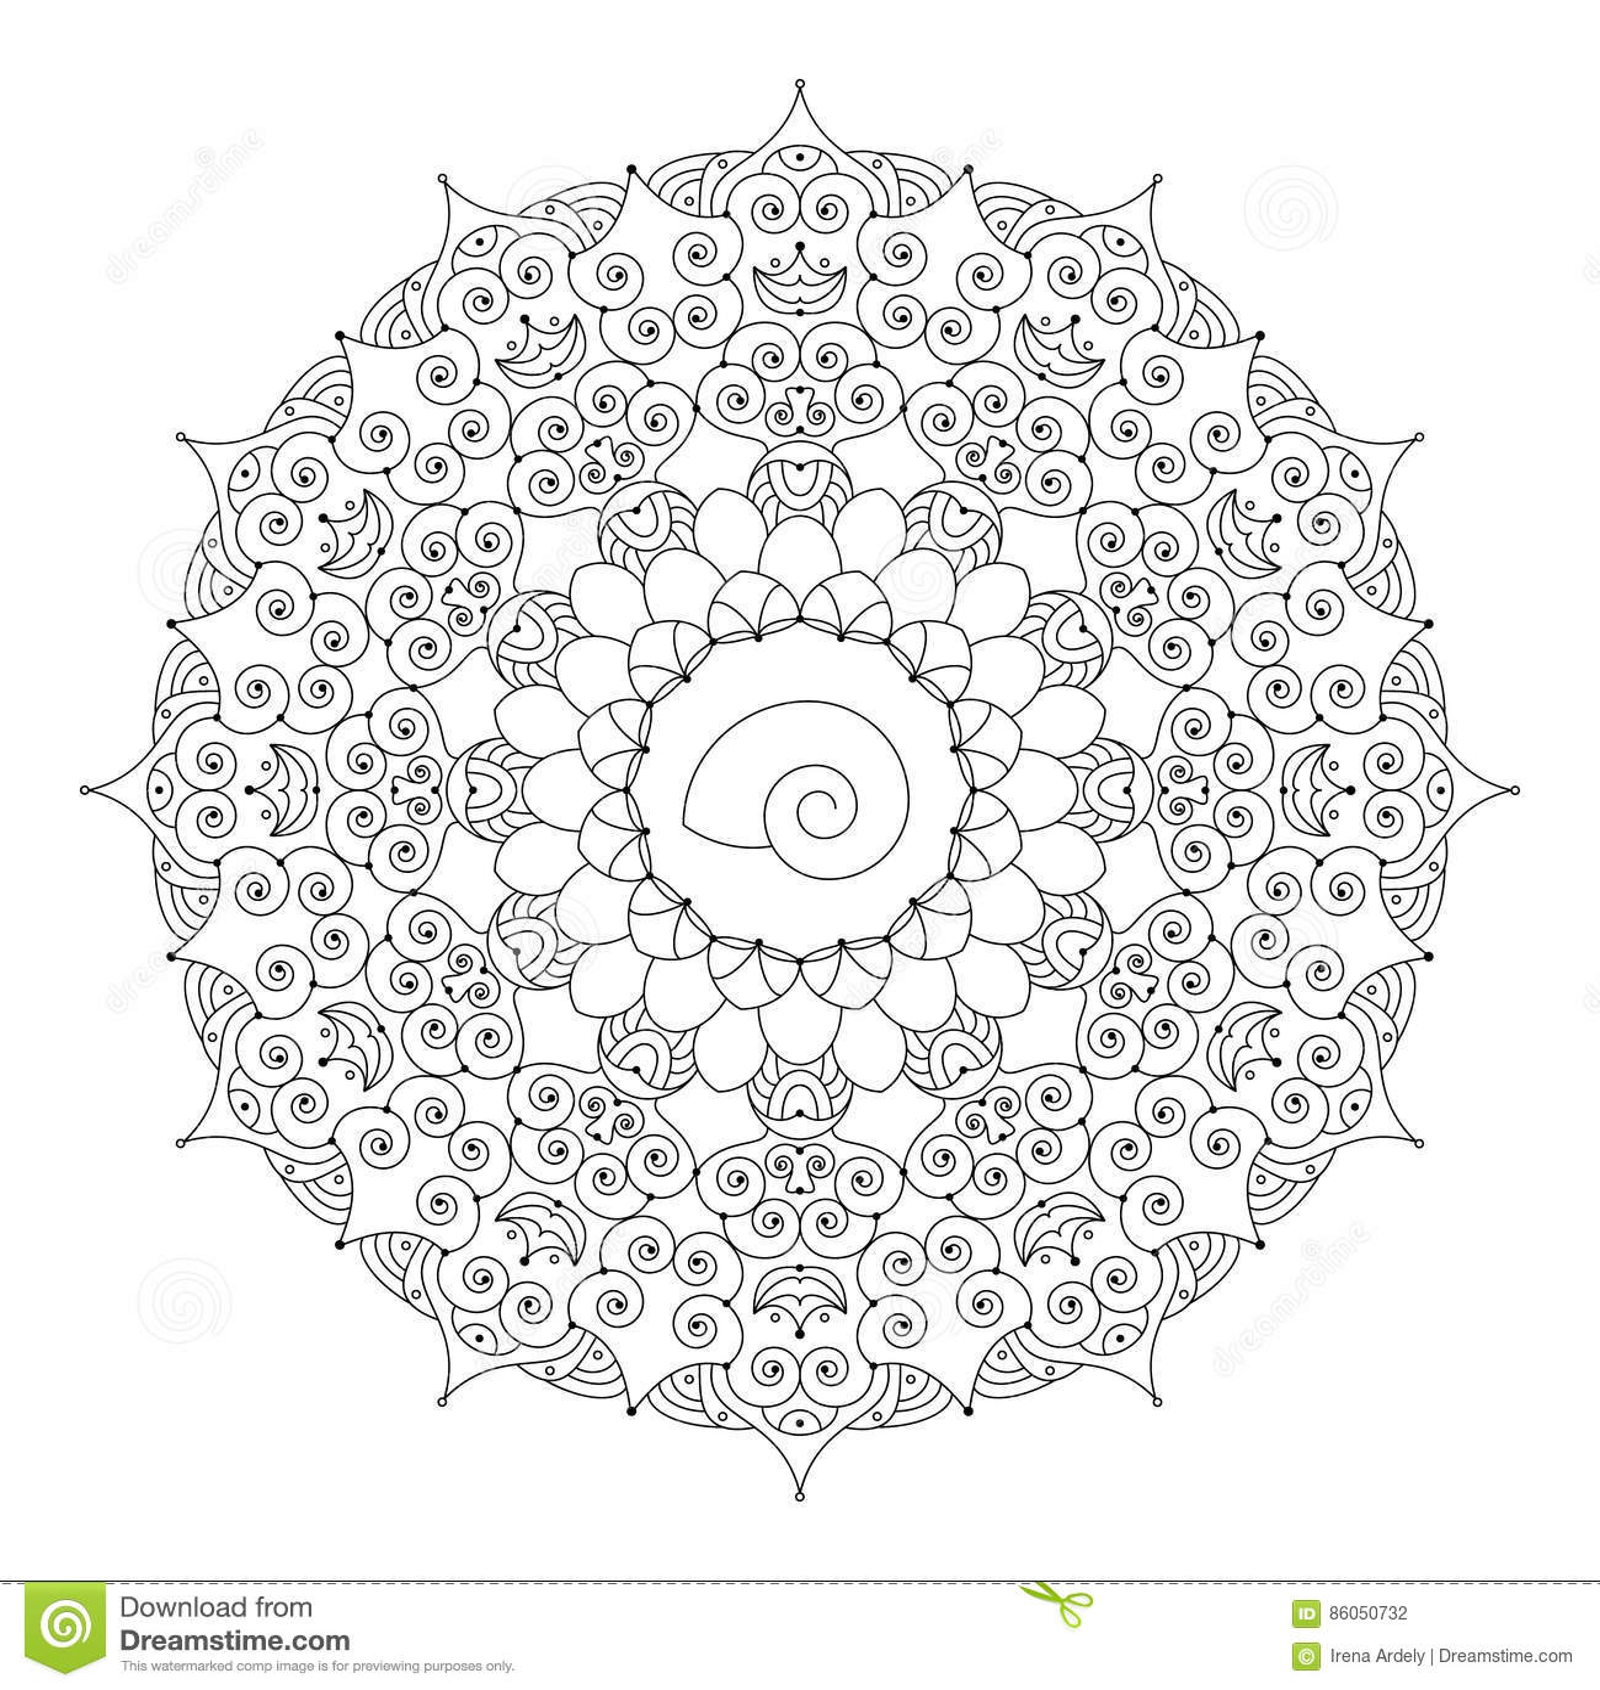 Coloriage Adulte Spirale.Dirigez Le Mandala Floral Rond Blanc Noir Avec Les Spirales Et La